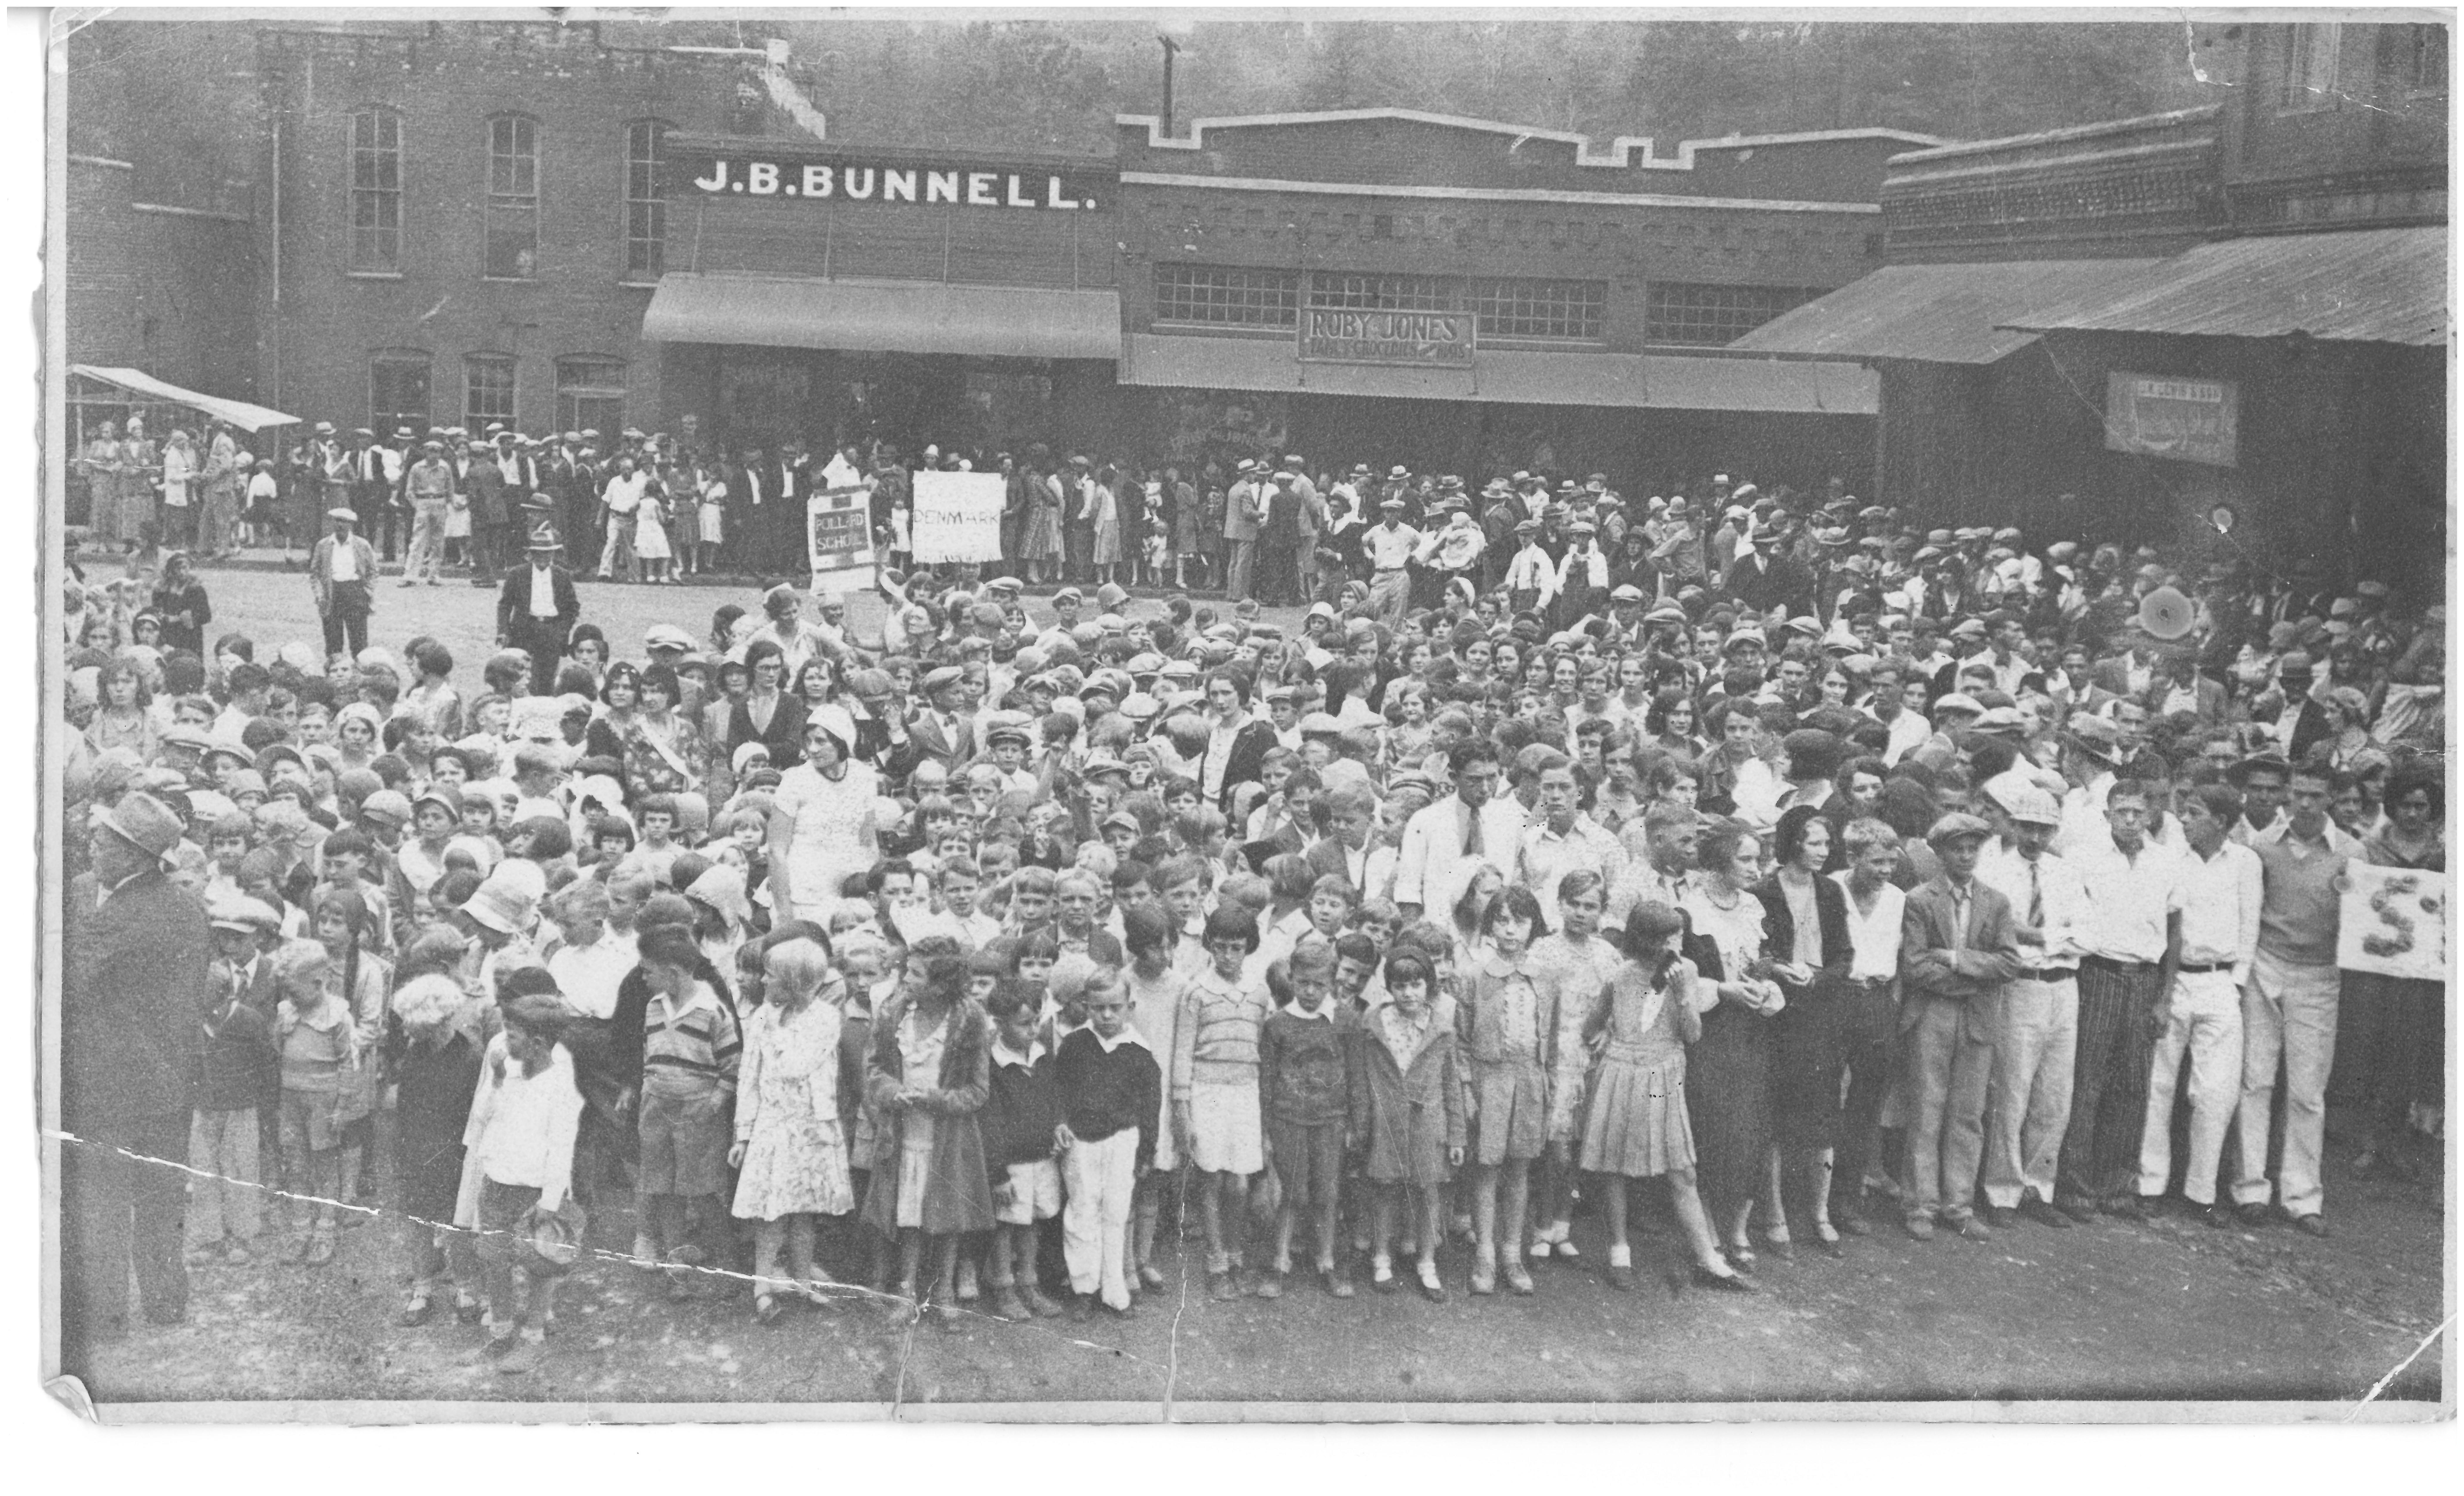 crowd photo 1920's